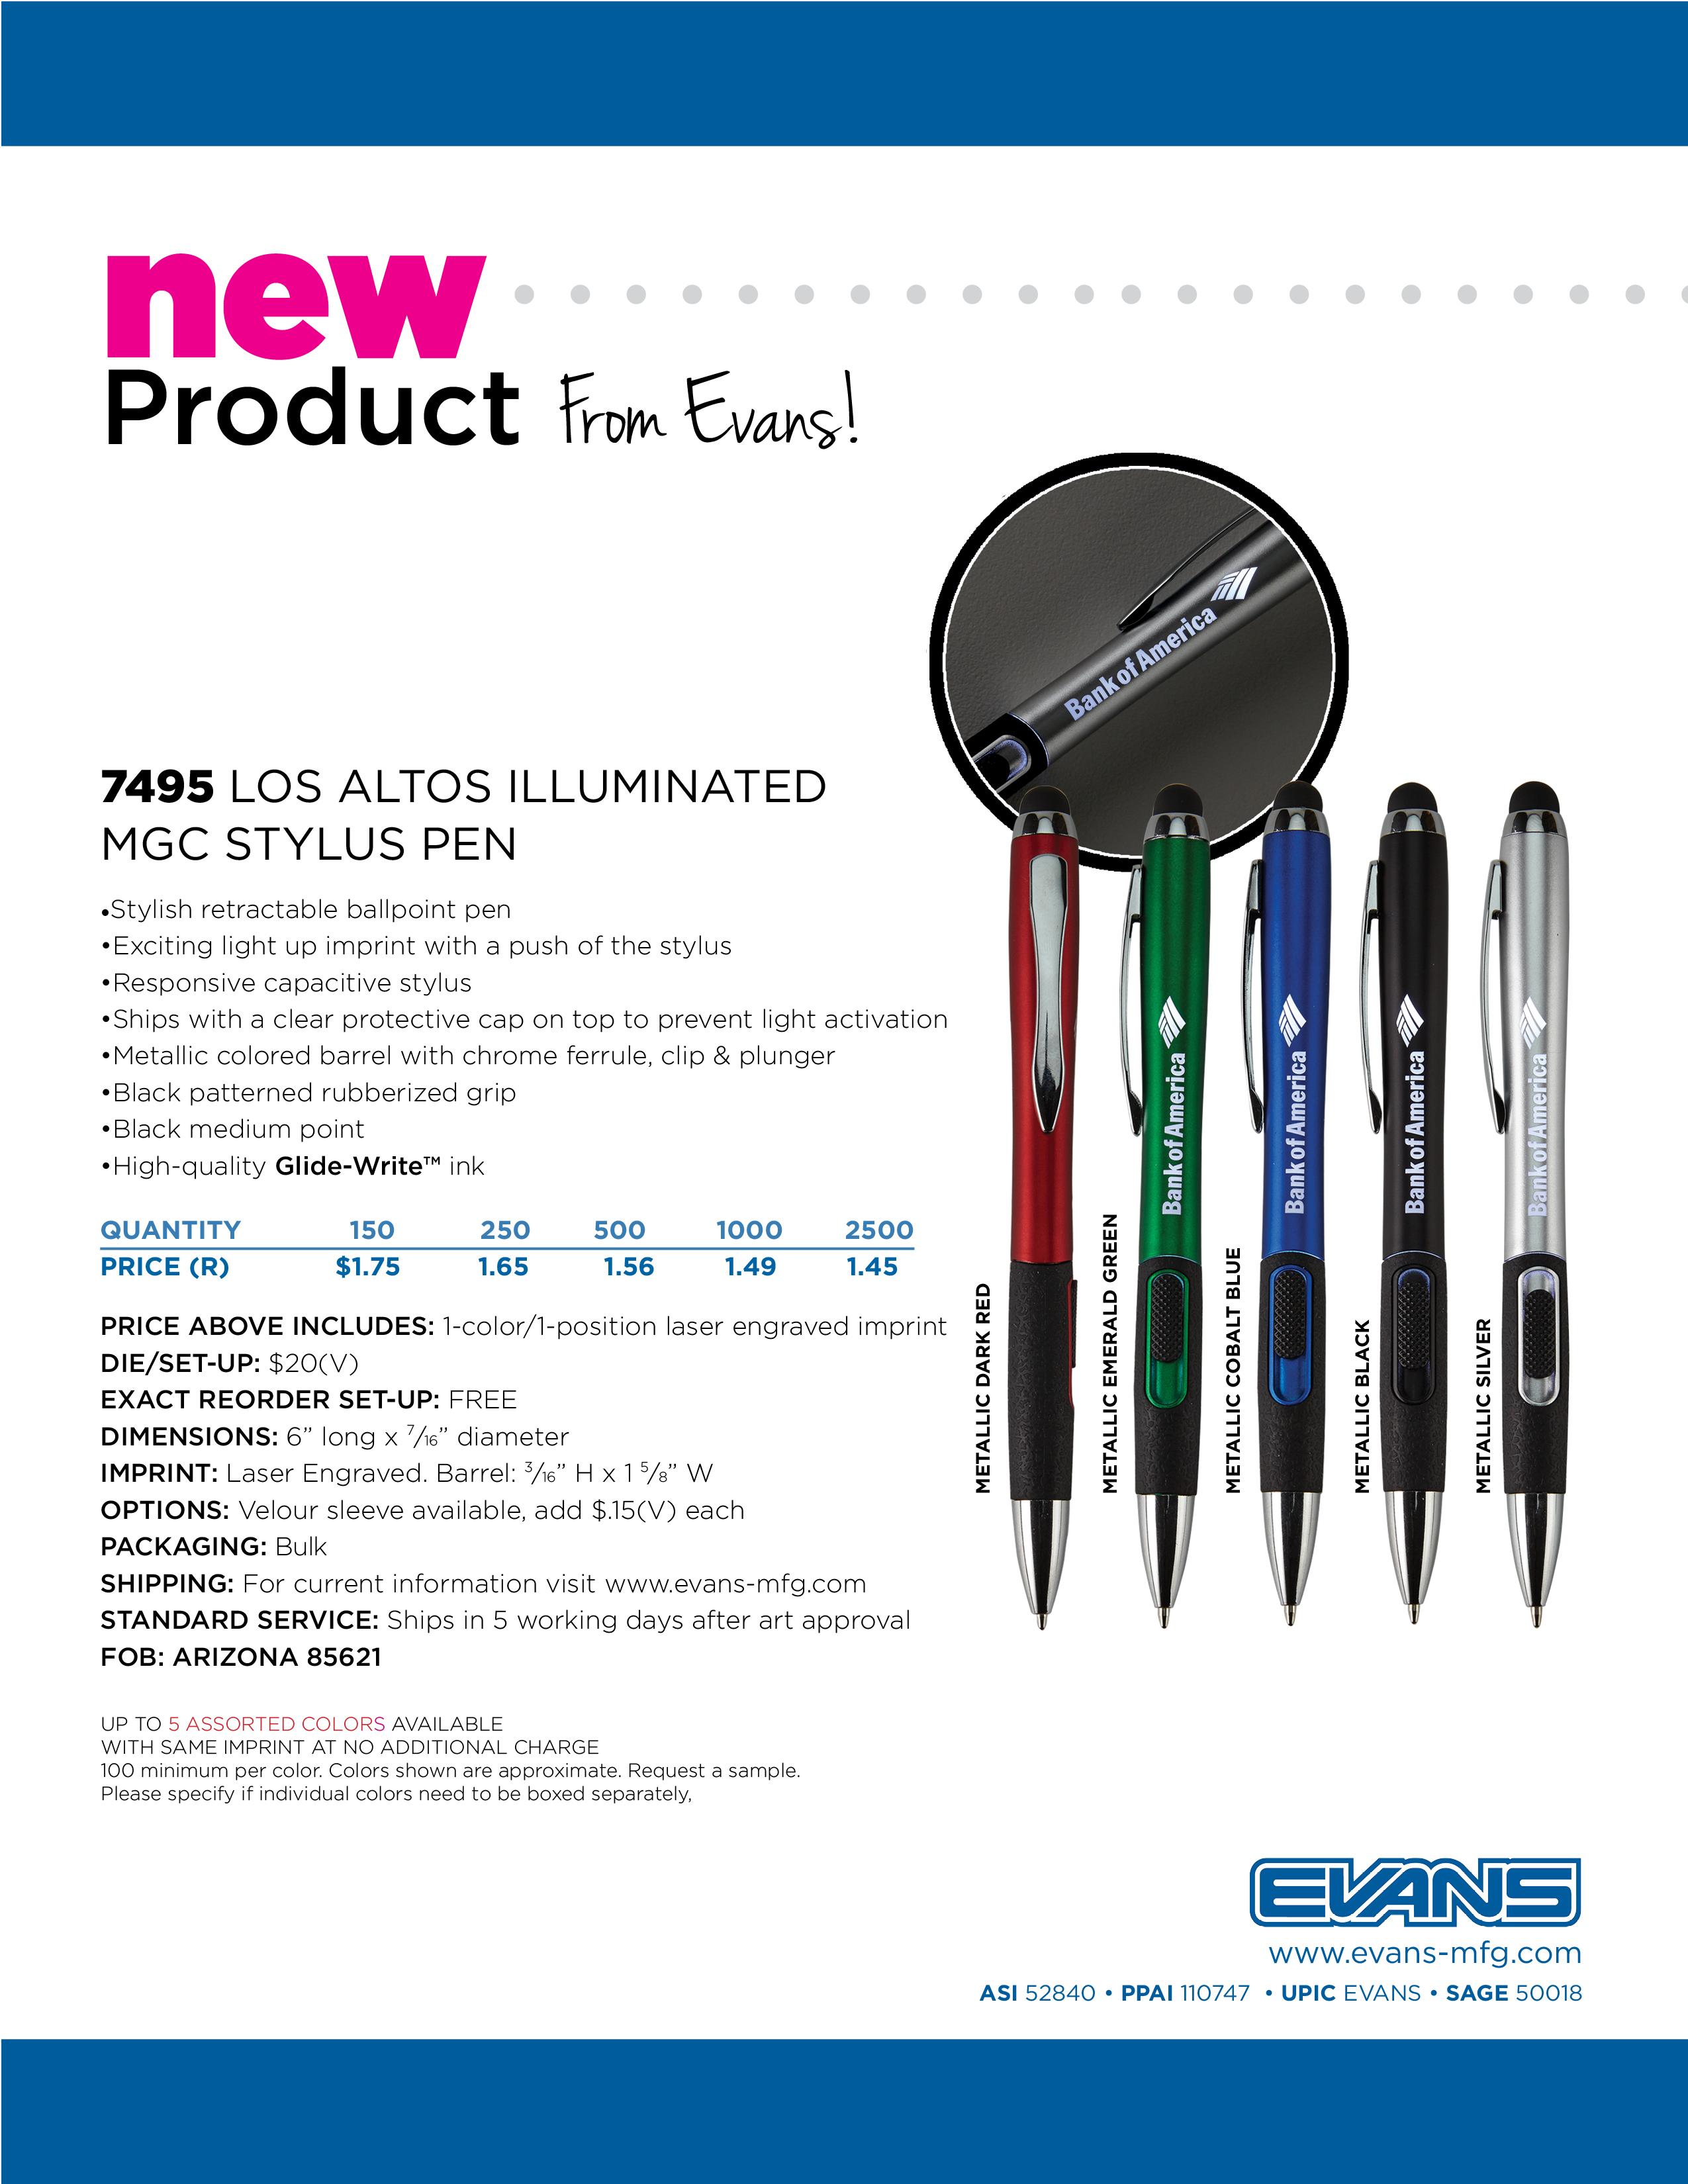 7495 Los Altos Illuminated MGC Stylus Pen